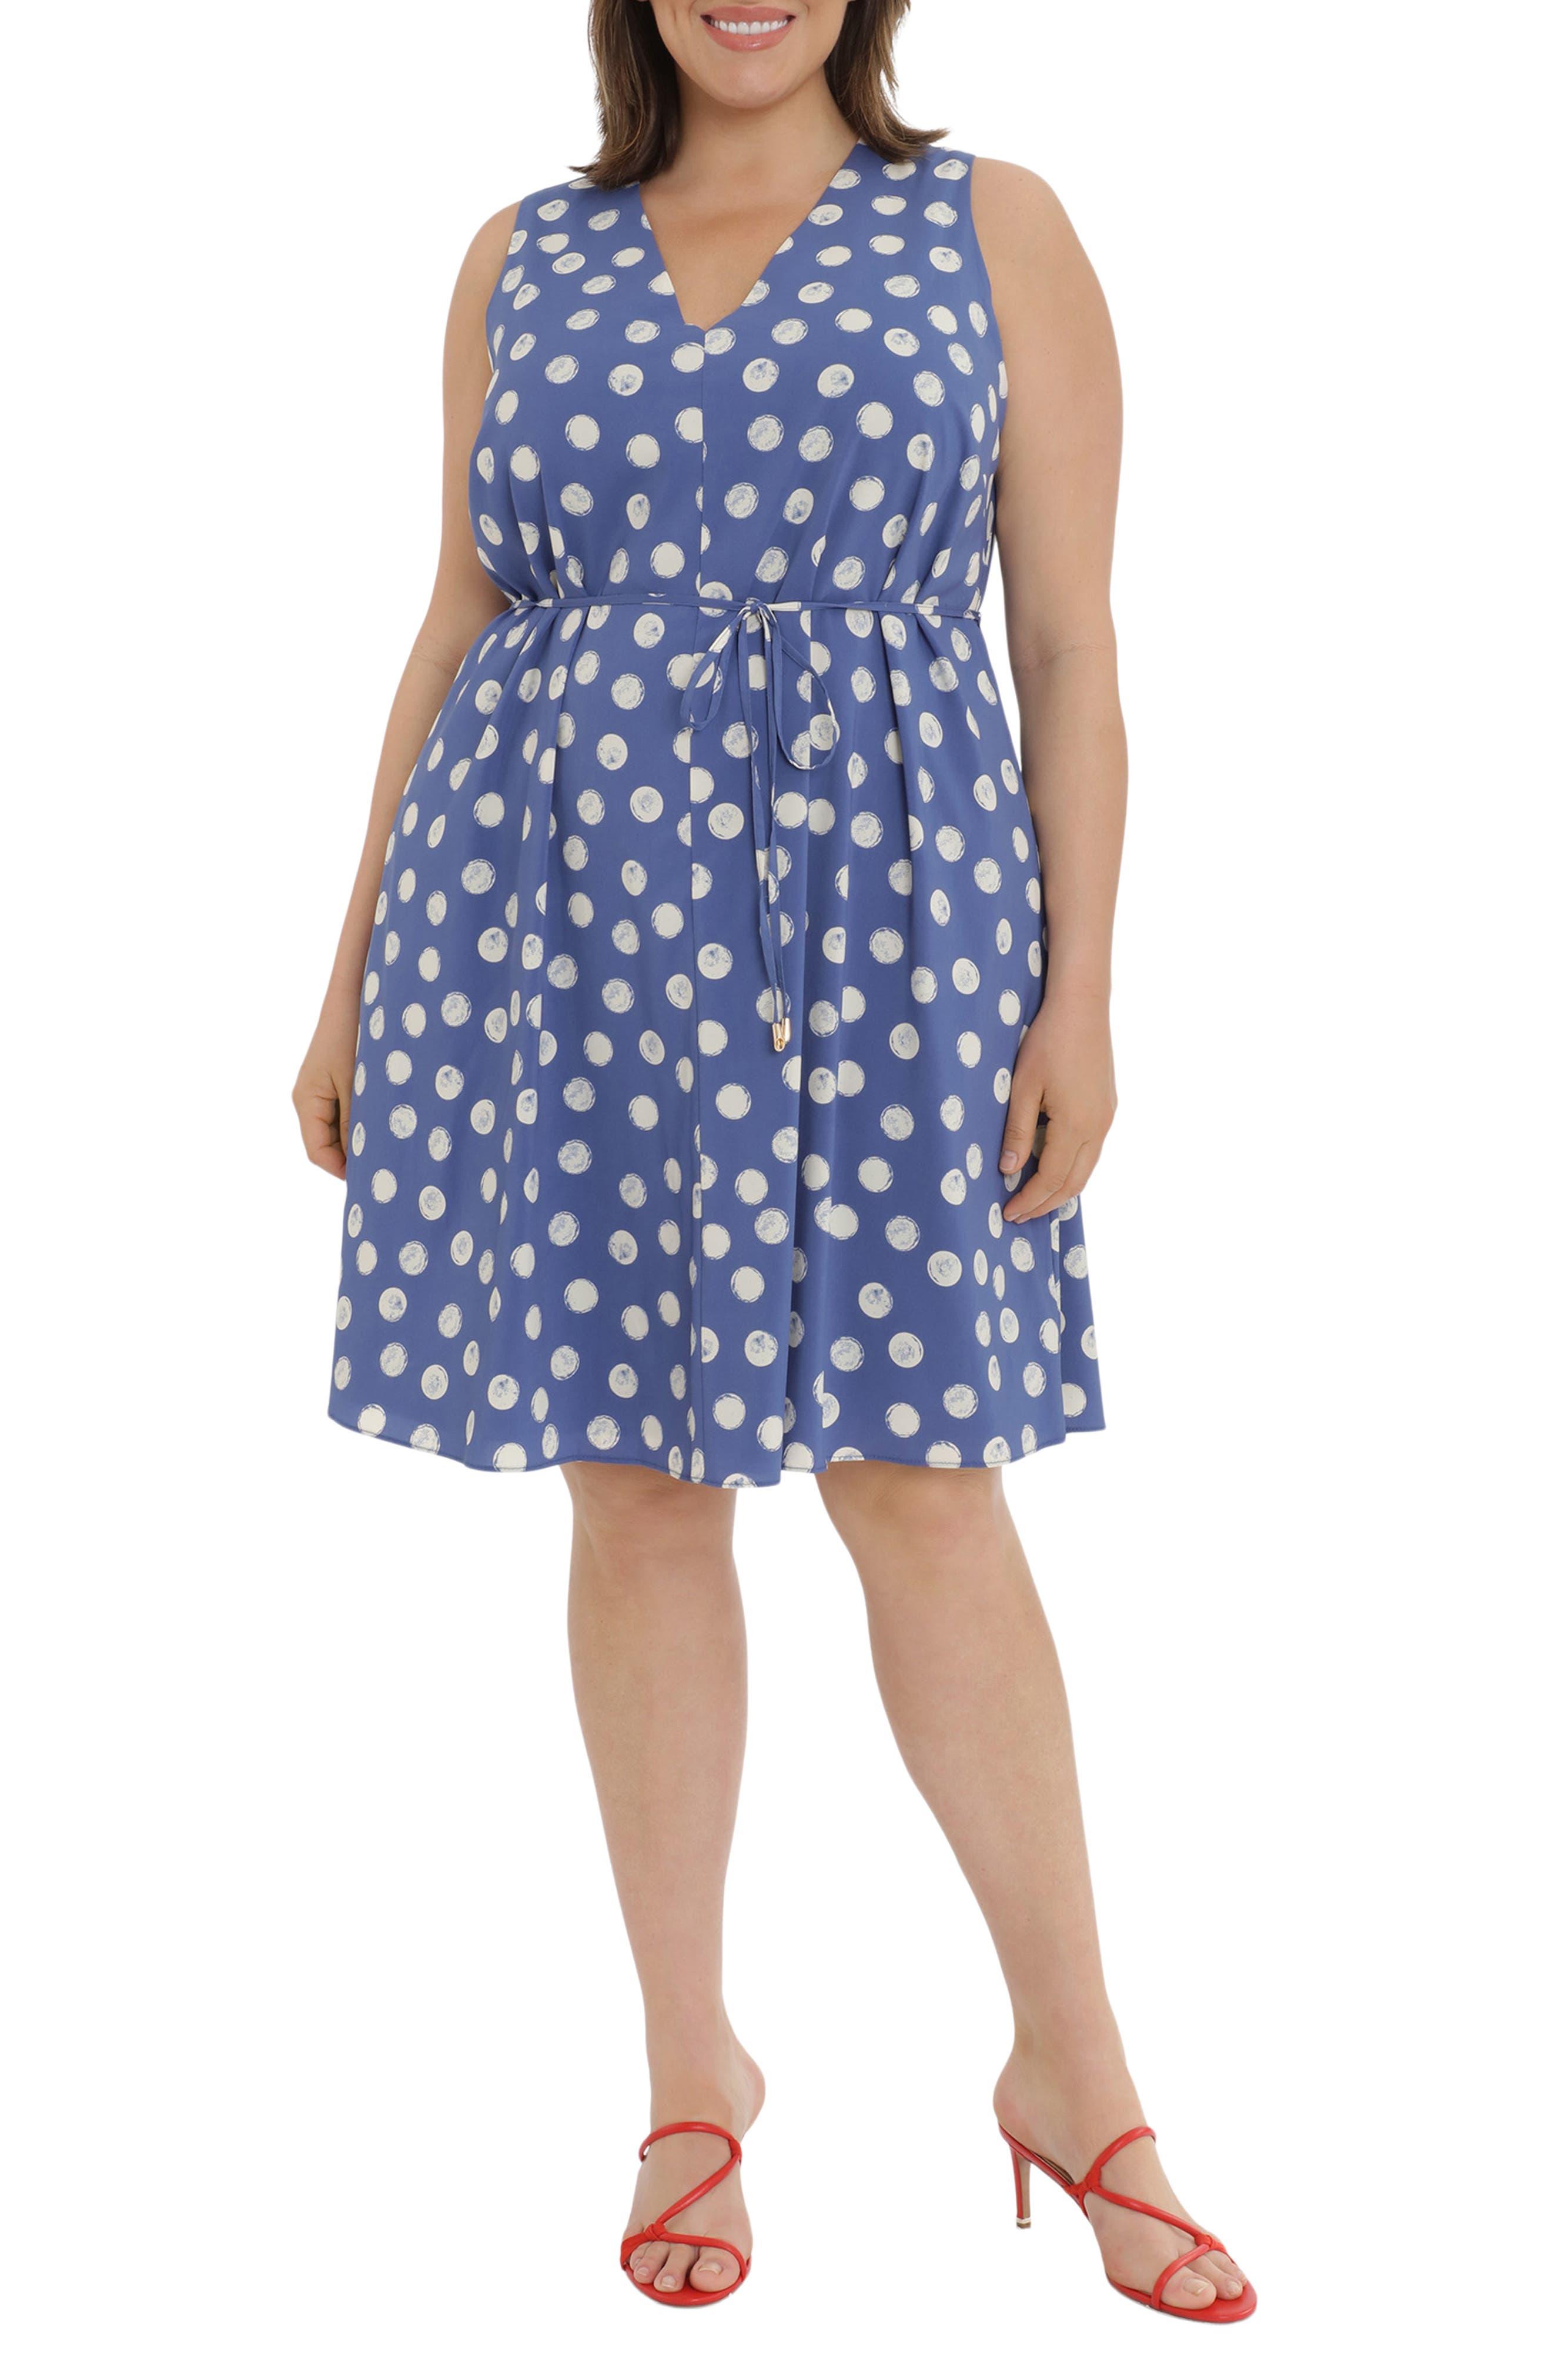 Dot Print V-Neck Sleeveless Dress